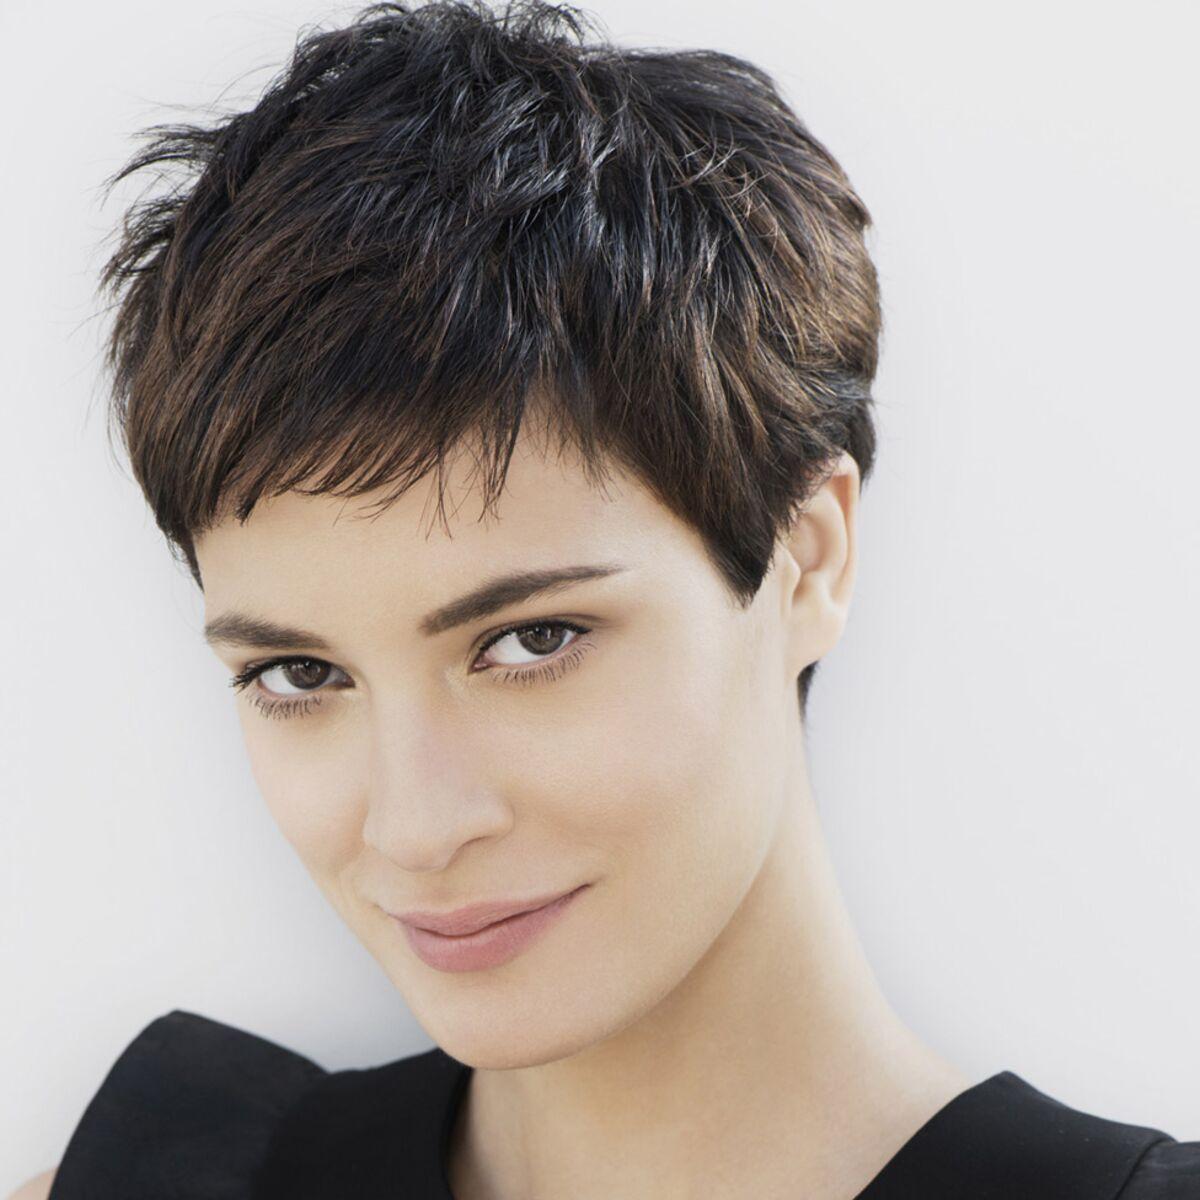 Cheveux Vite Une Coupe Courte Femme Actuelle Le Mag